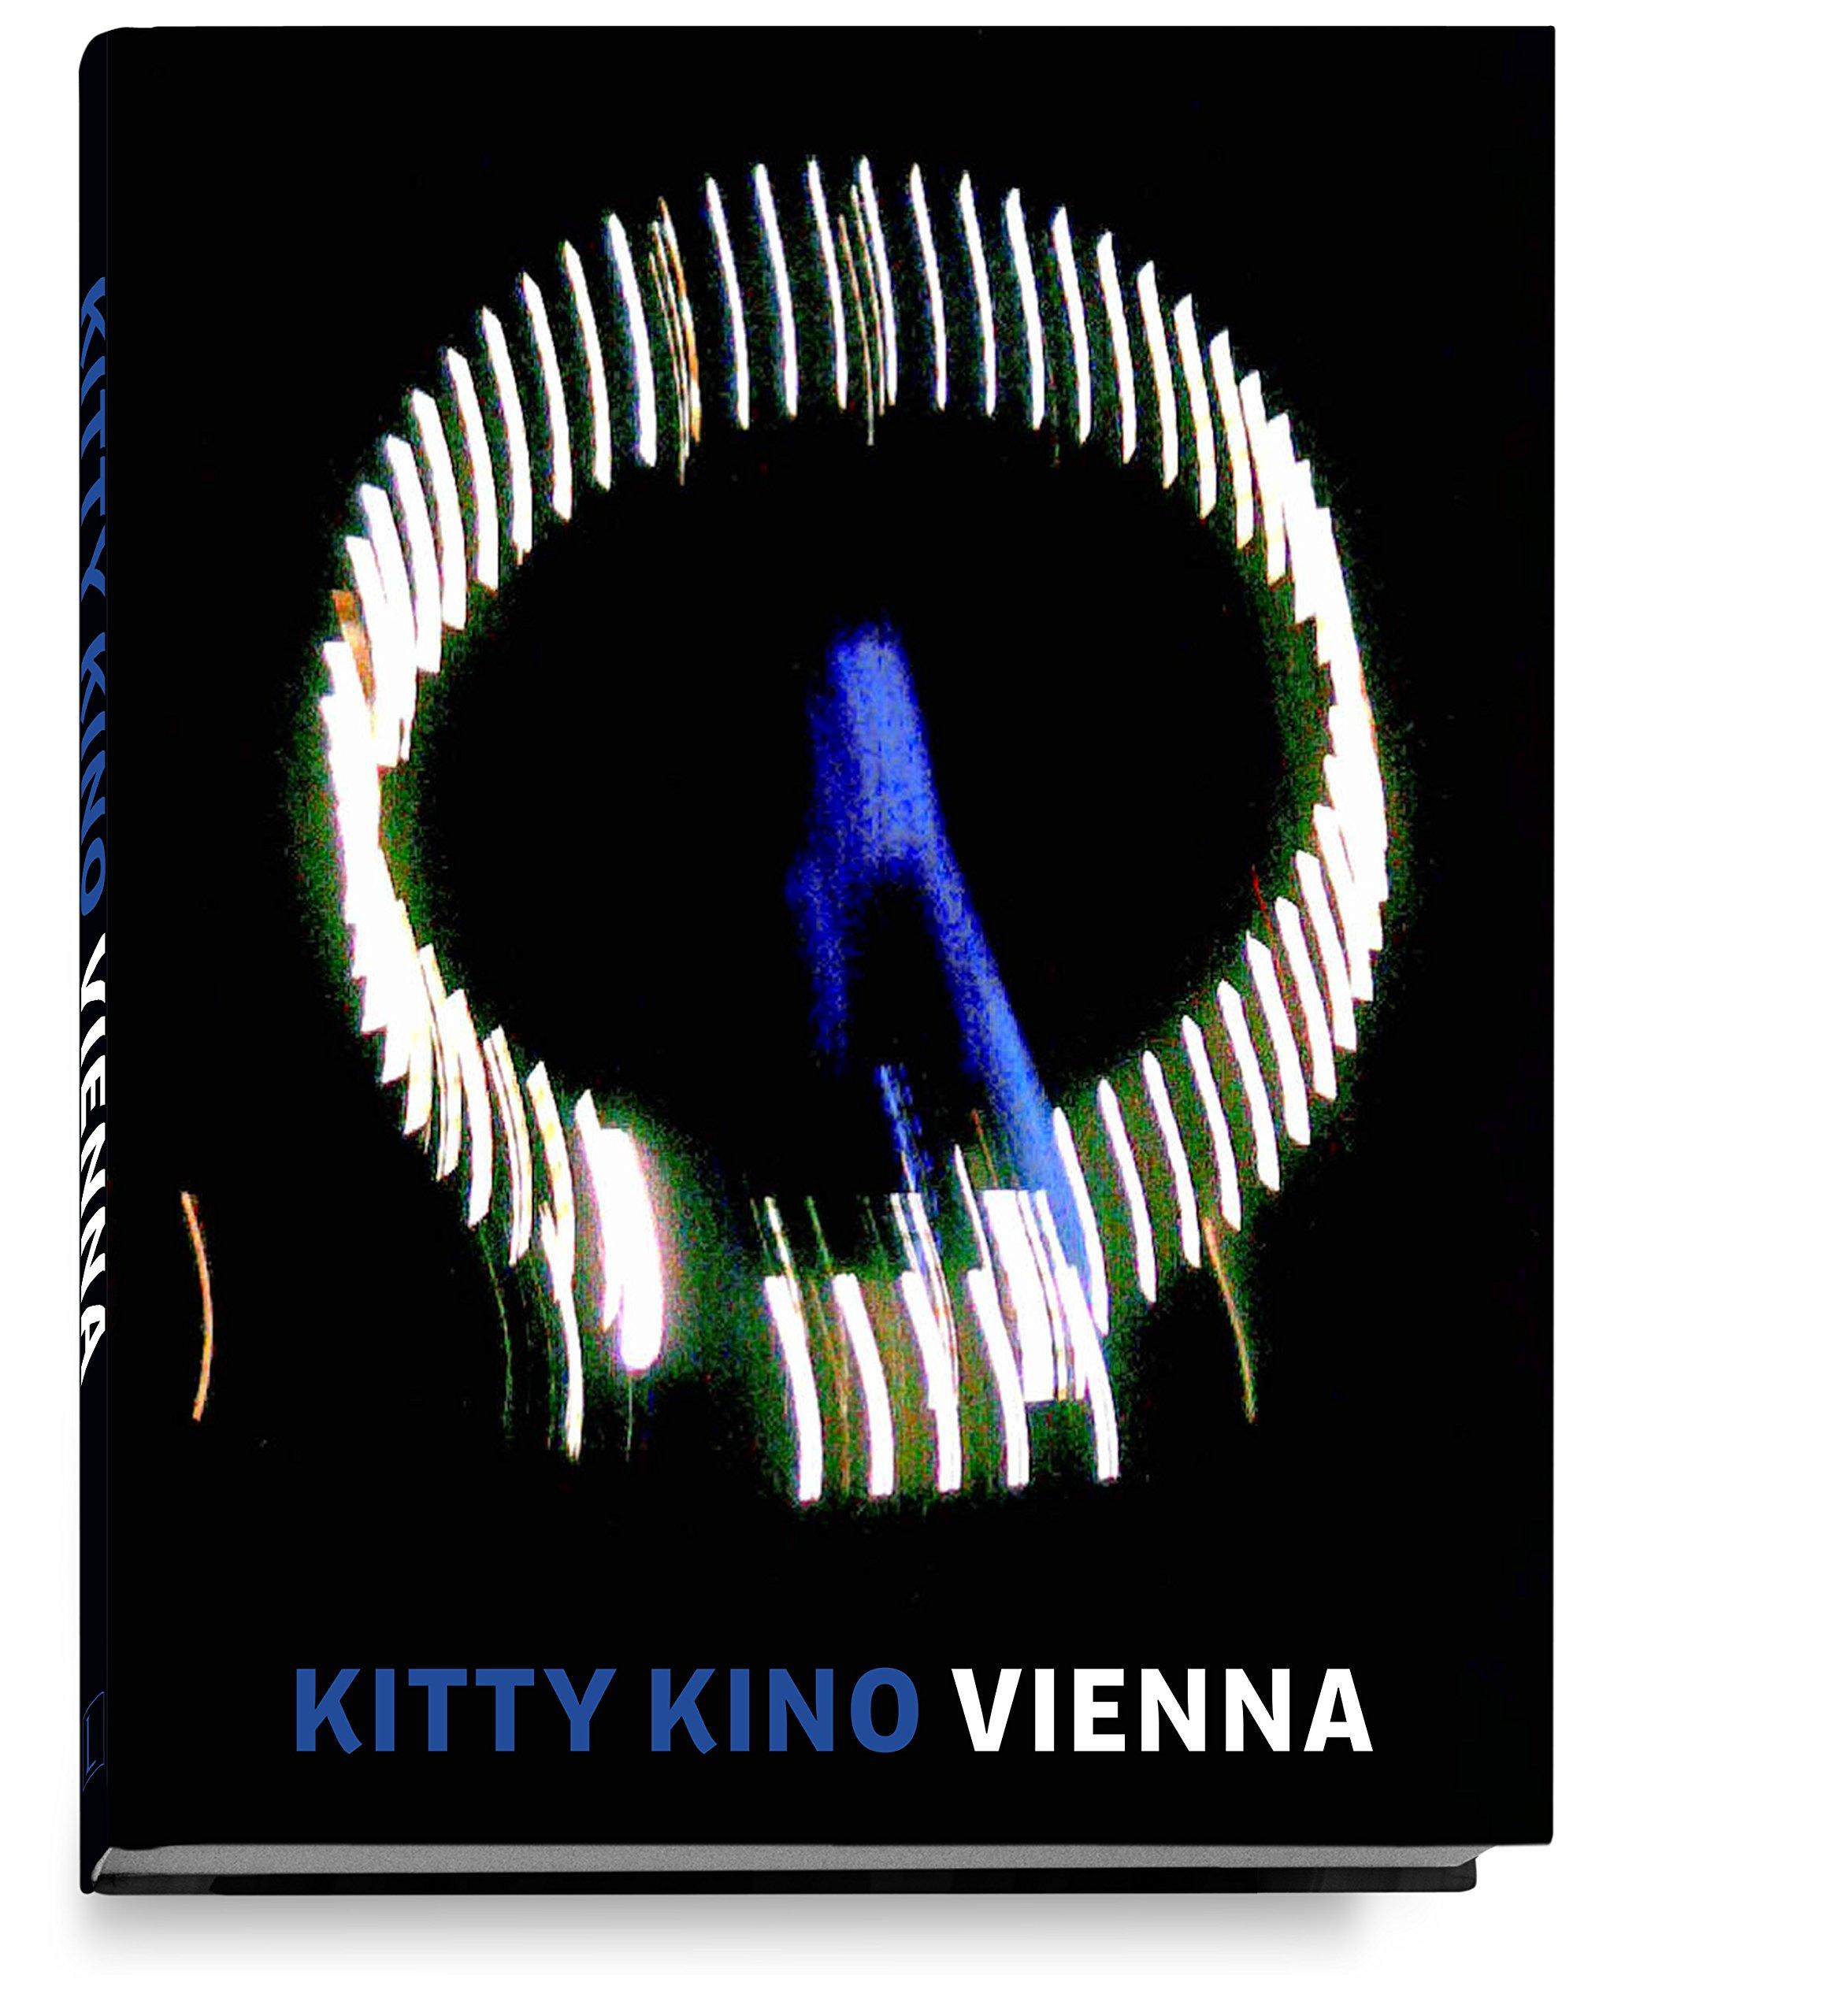 VIENNA: KITTY KINO